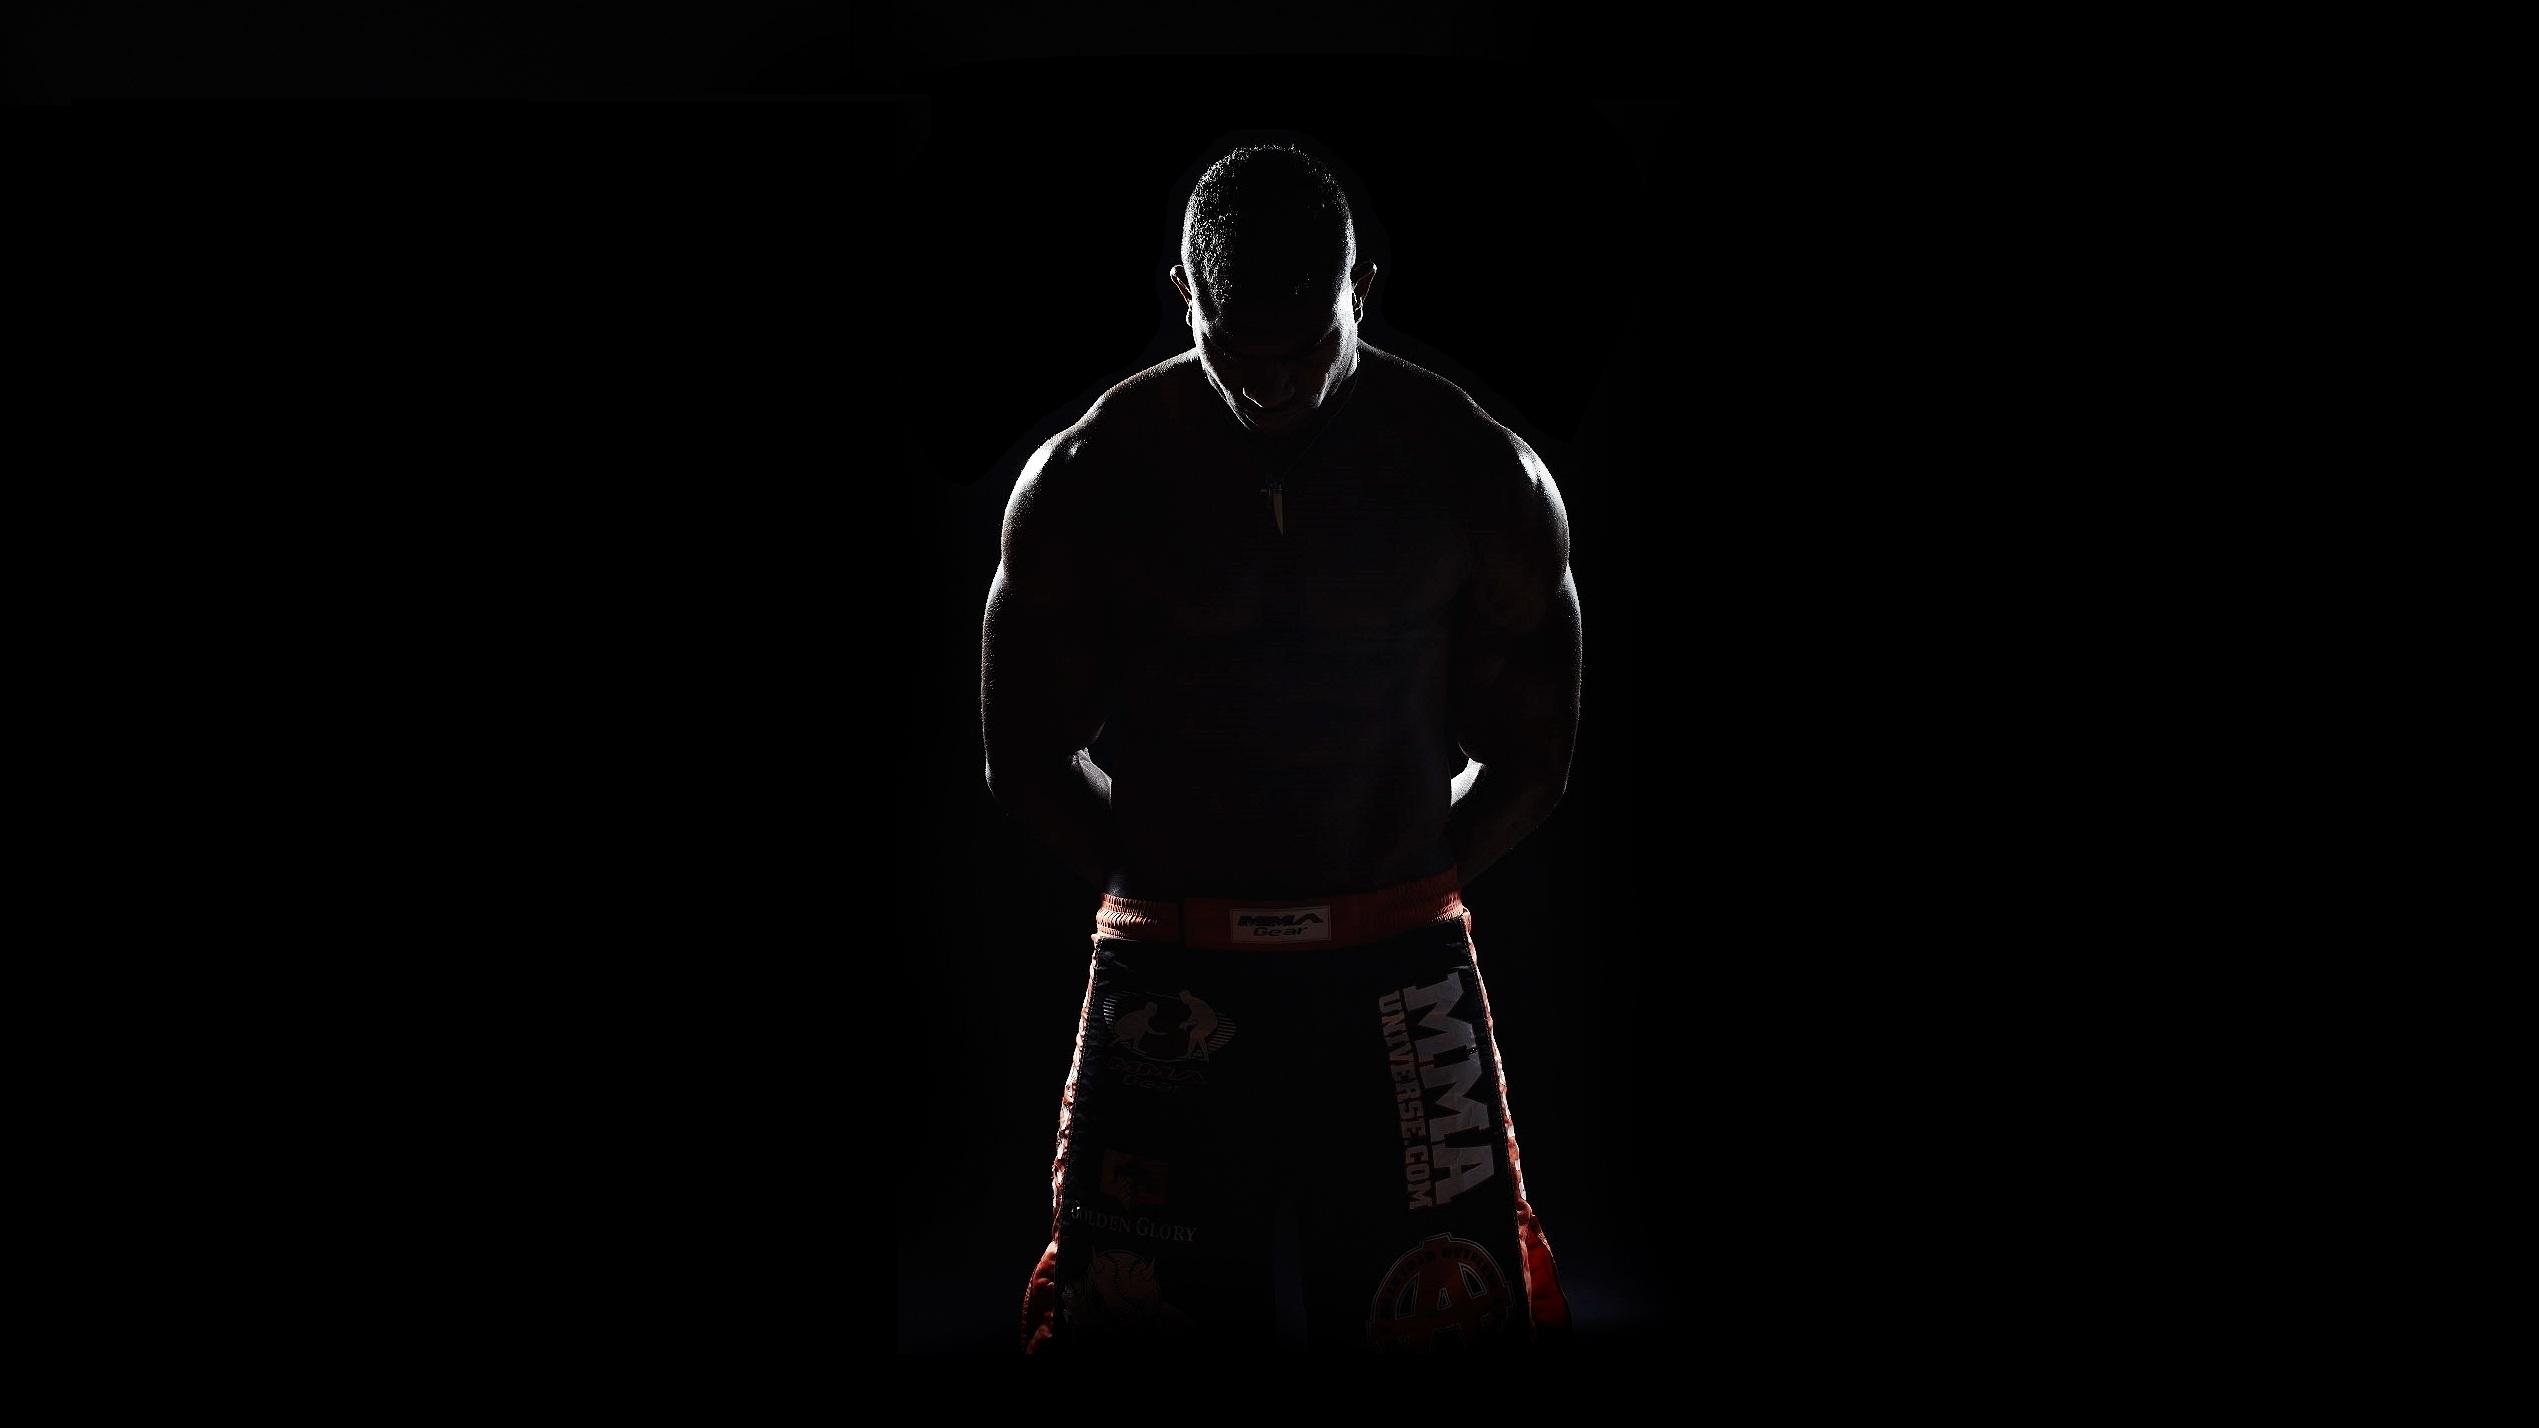 Картинки, картинки с боксом на черном фоне